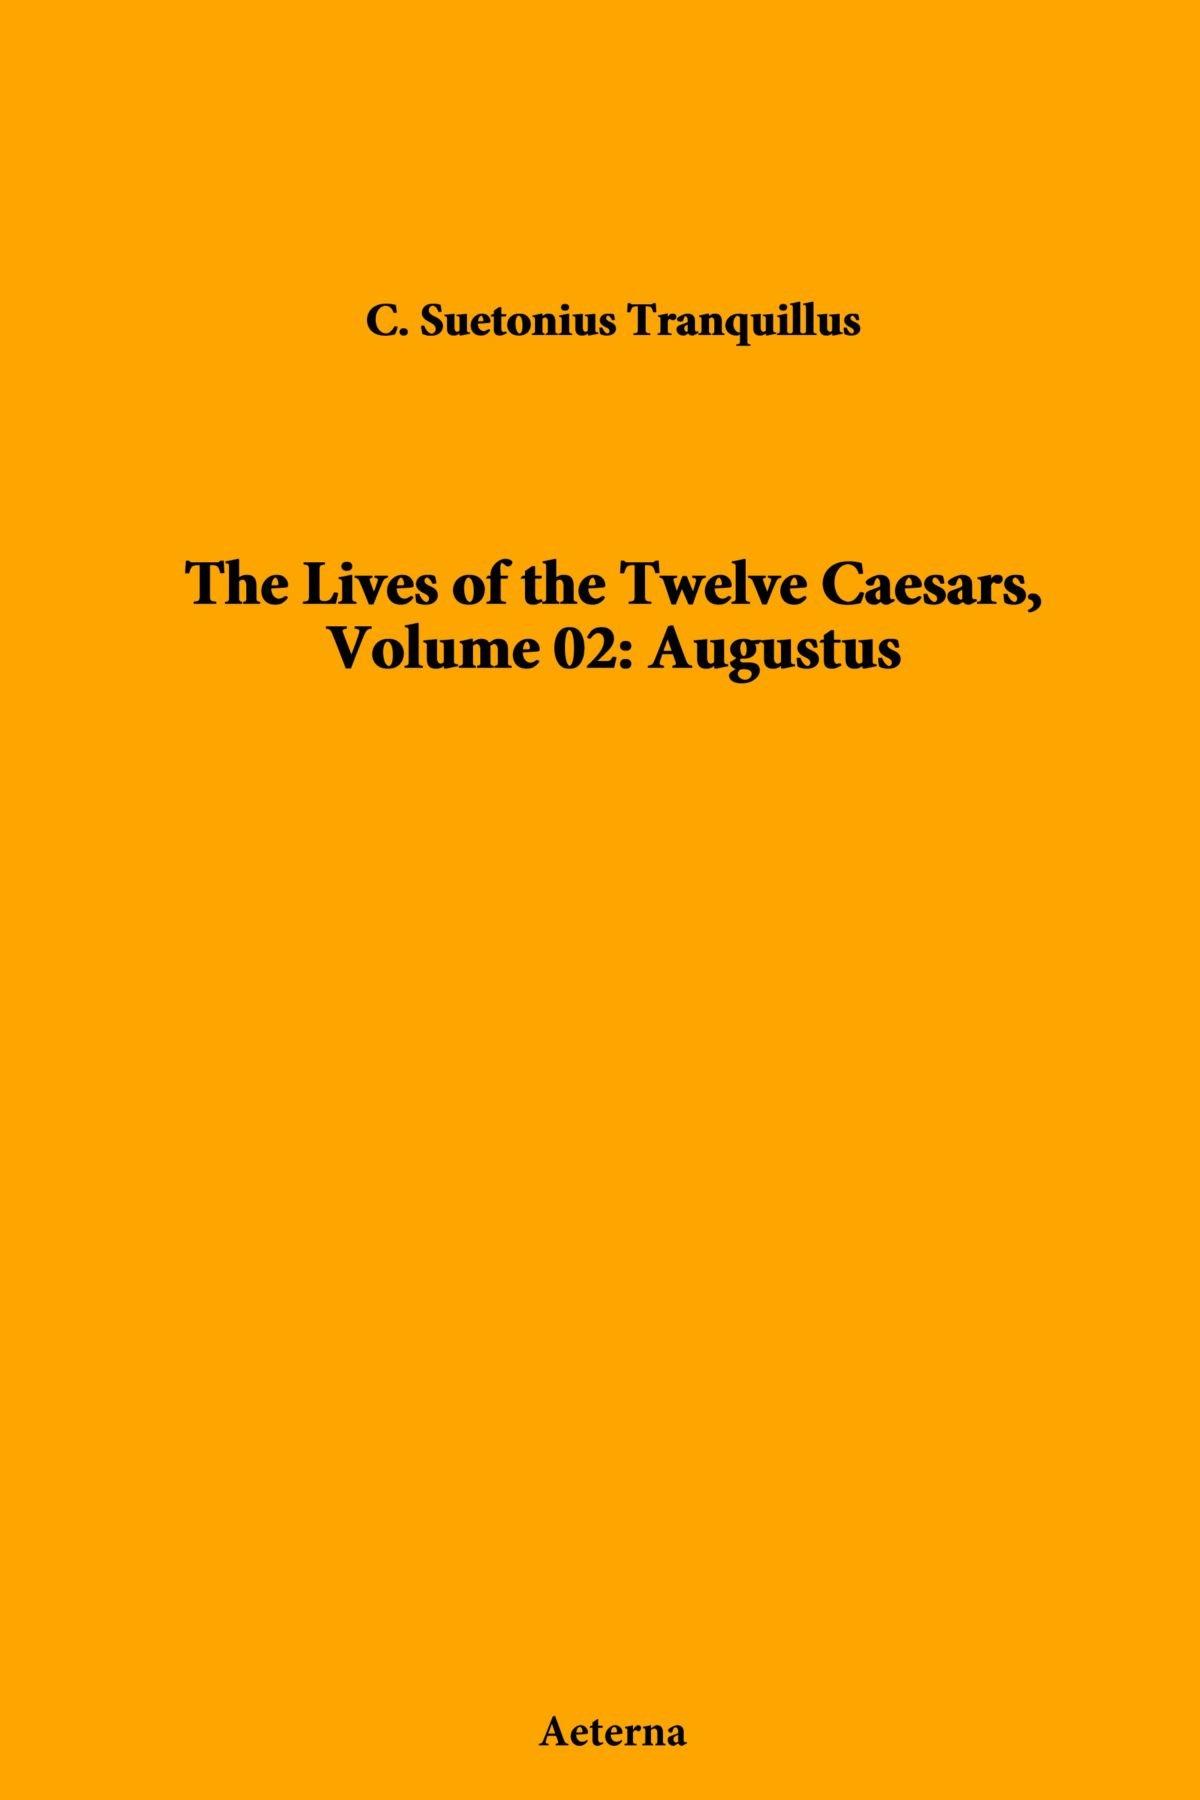 The Lives of the Twelve Caesars, Volume 02: Augustus pdf epub